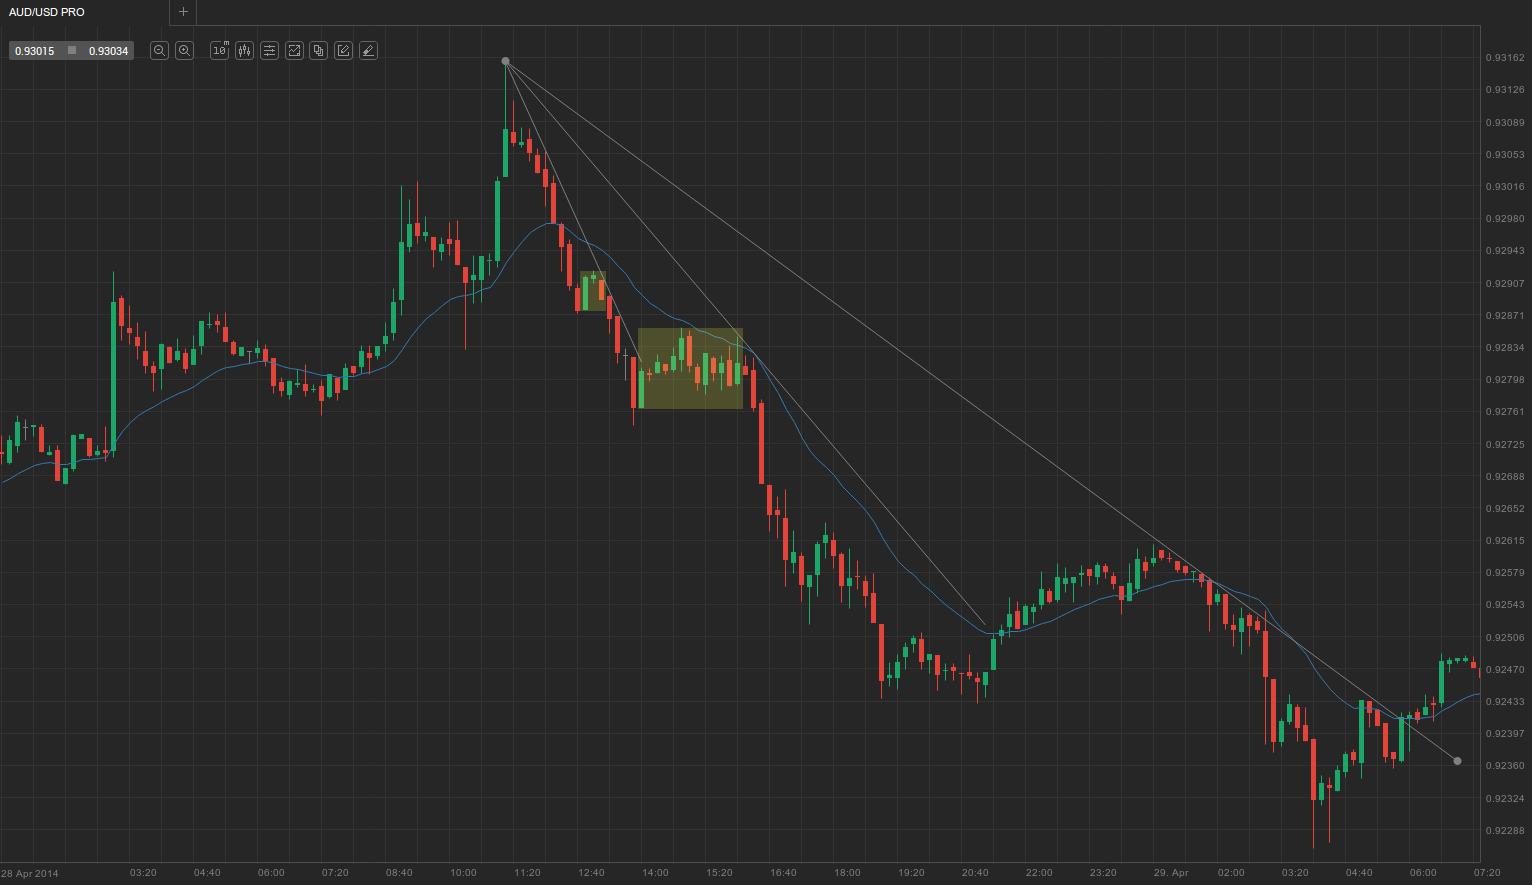 1. Minor trend line pullback